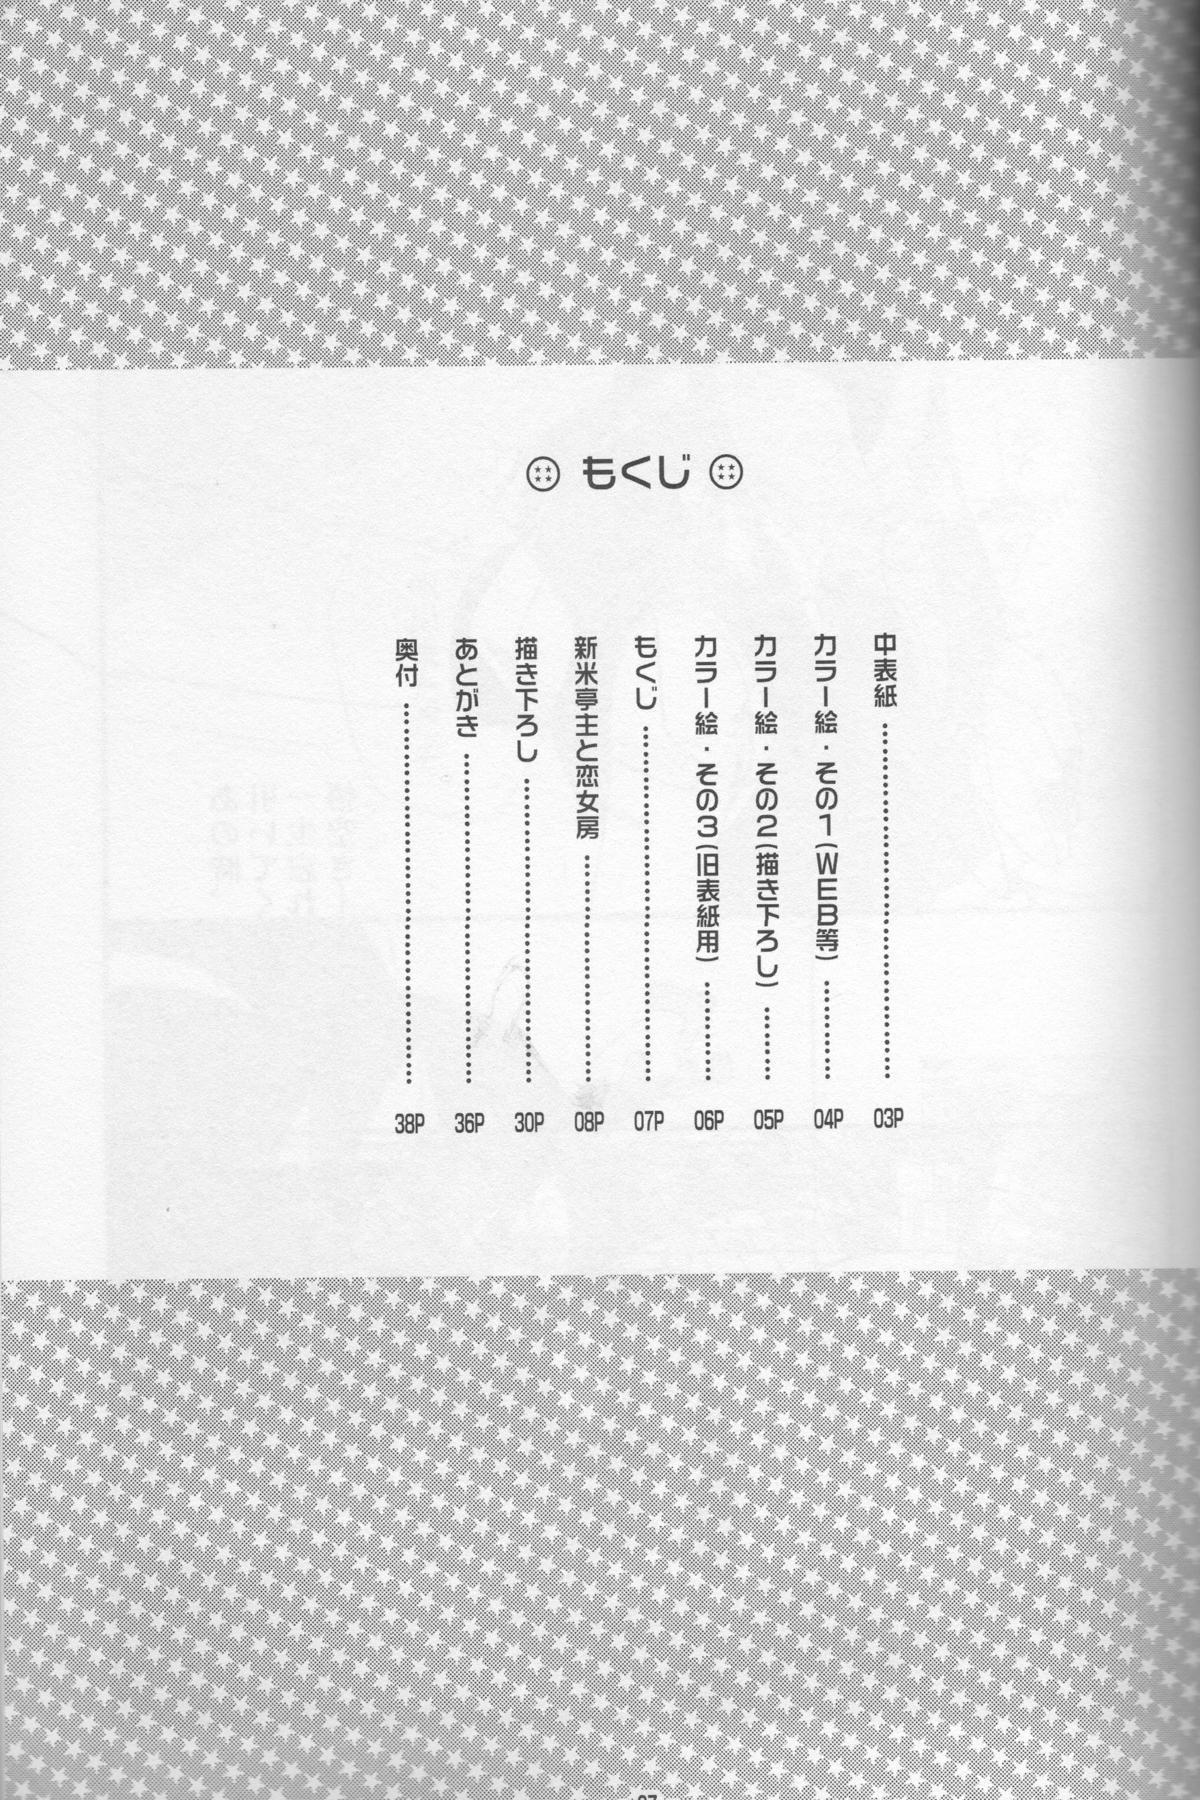 Shinmai Teishu to Koinyobo Z 5